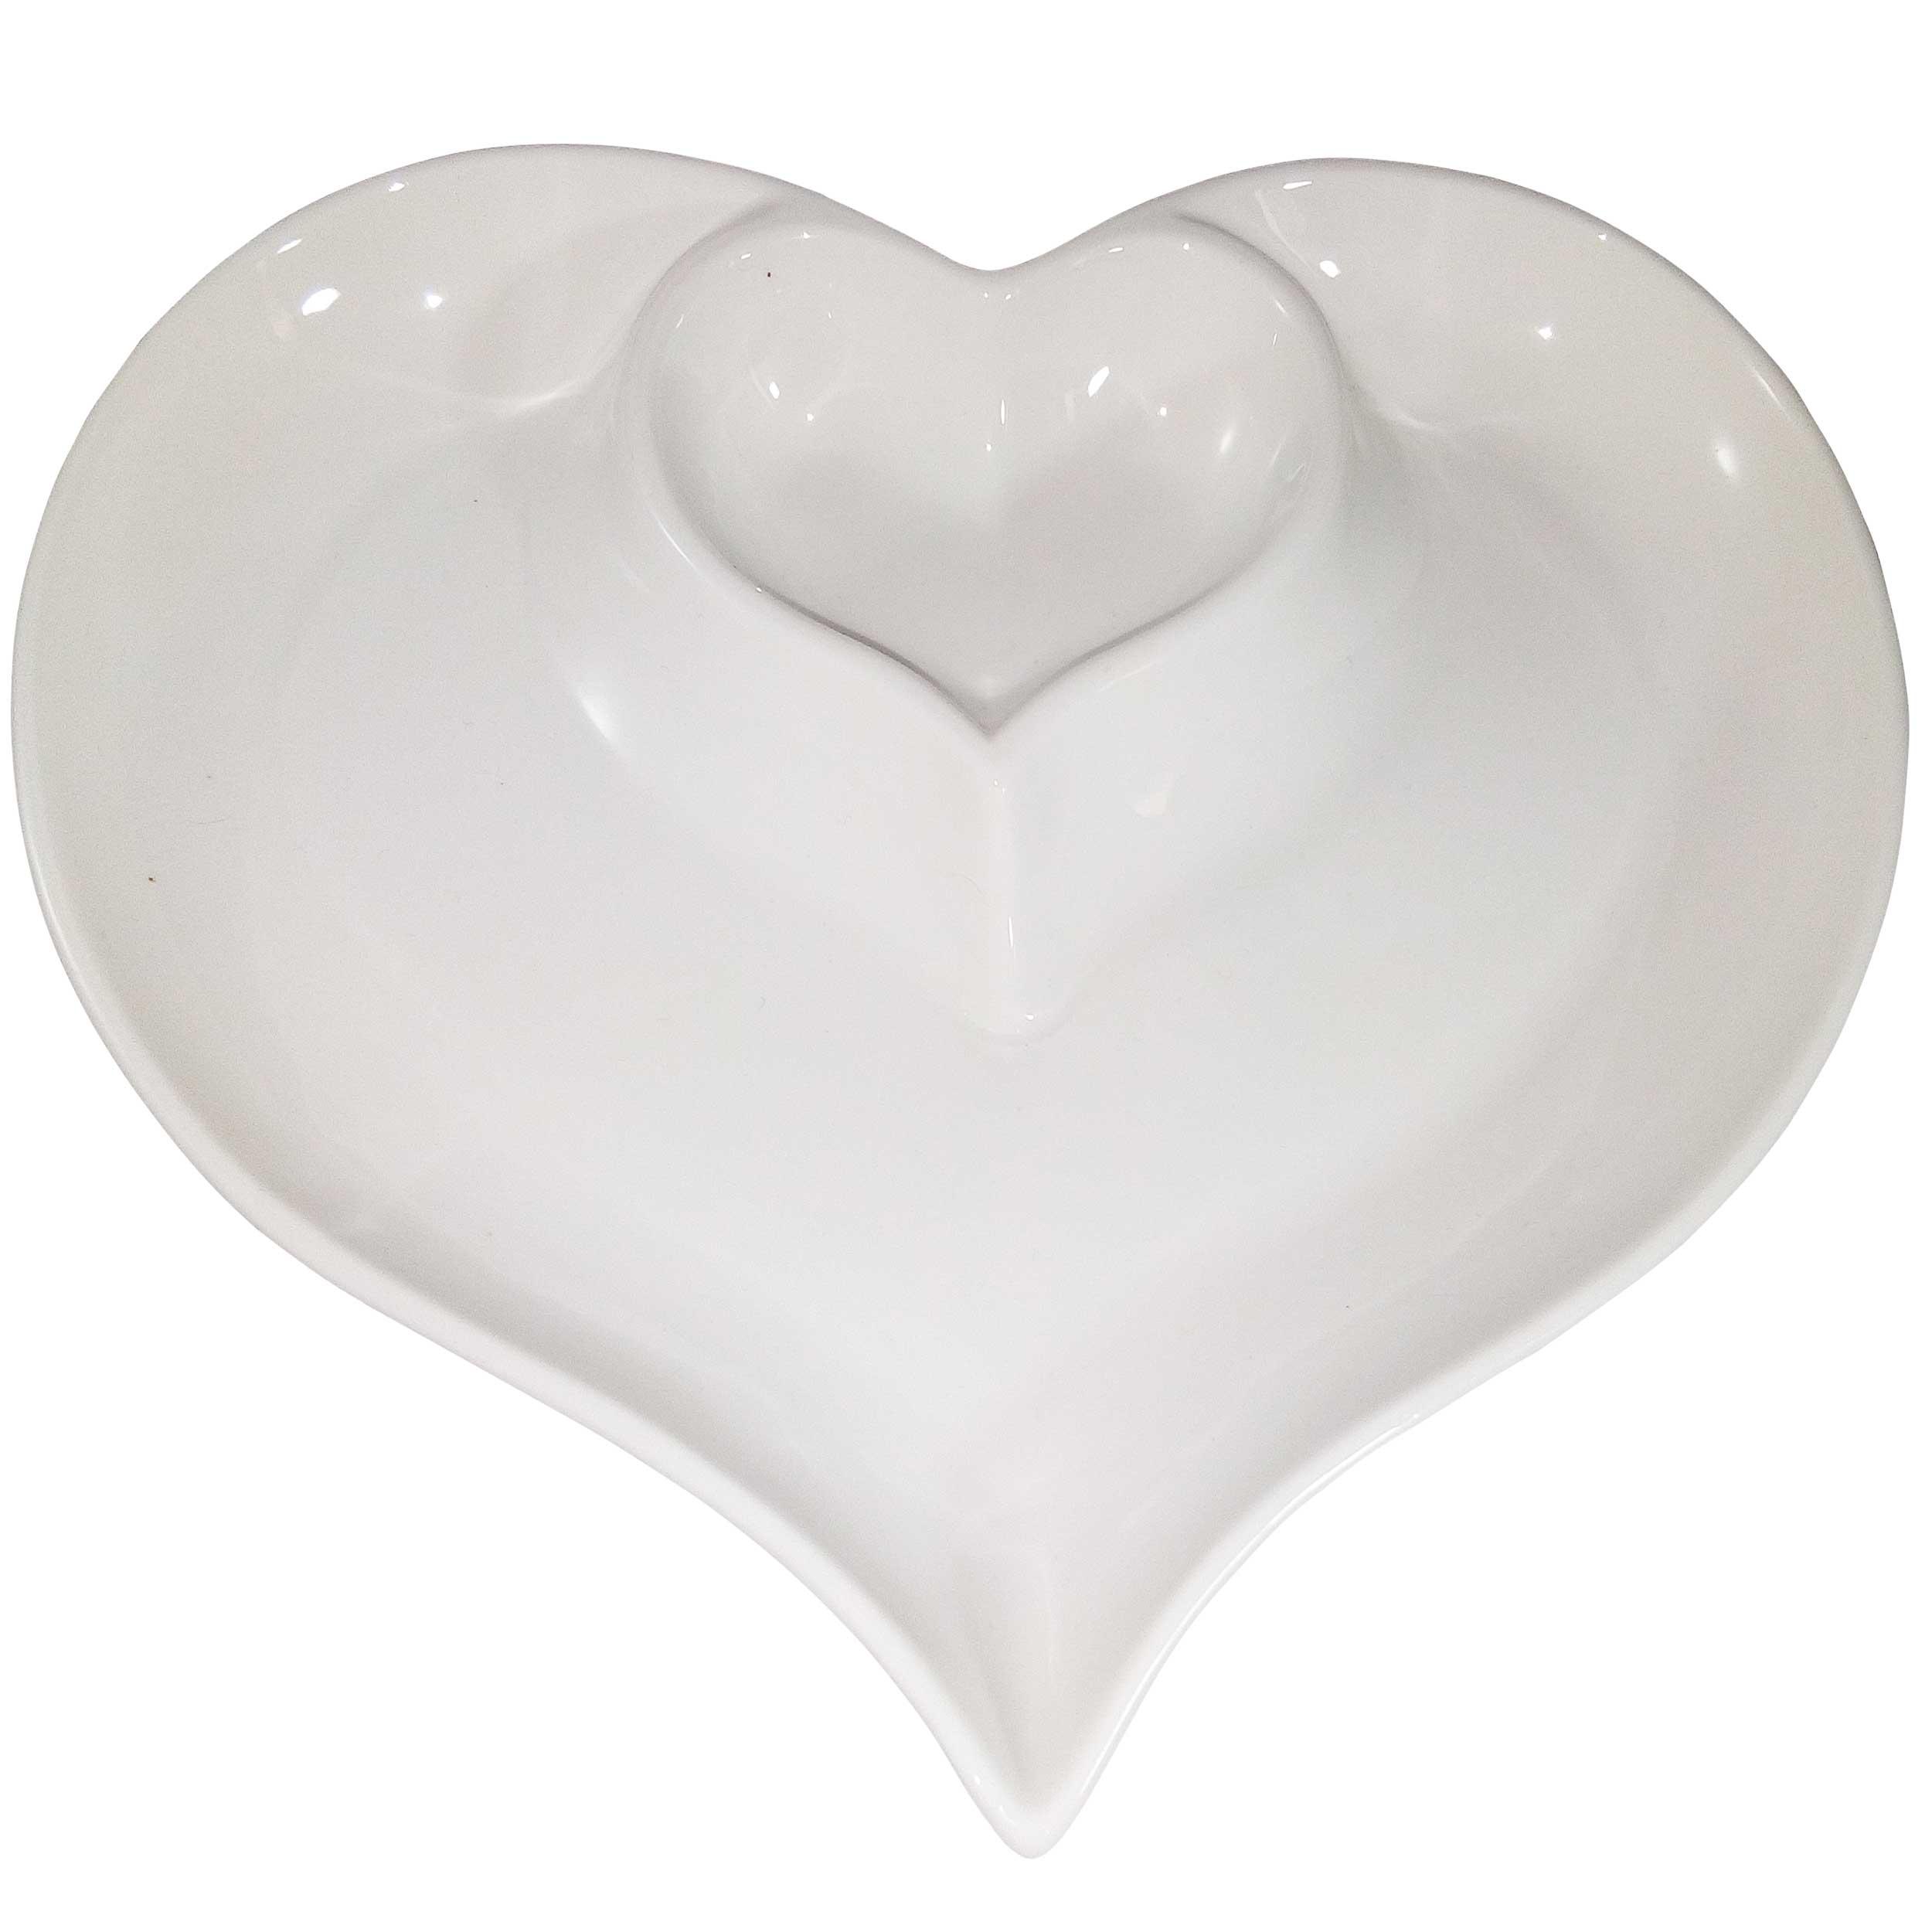 عکس اردو خوری طرح قلب مدل 1010